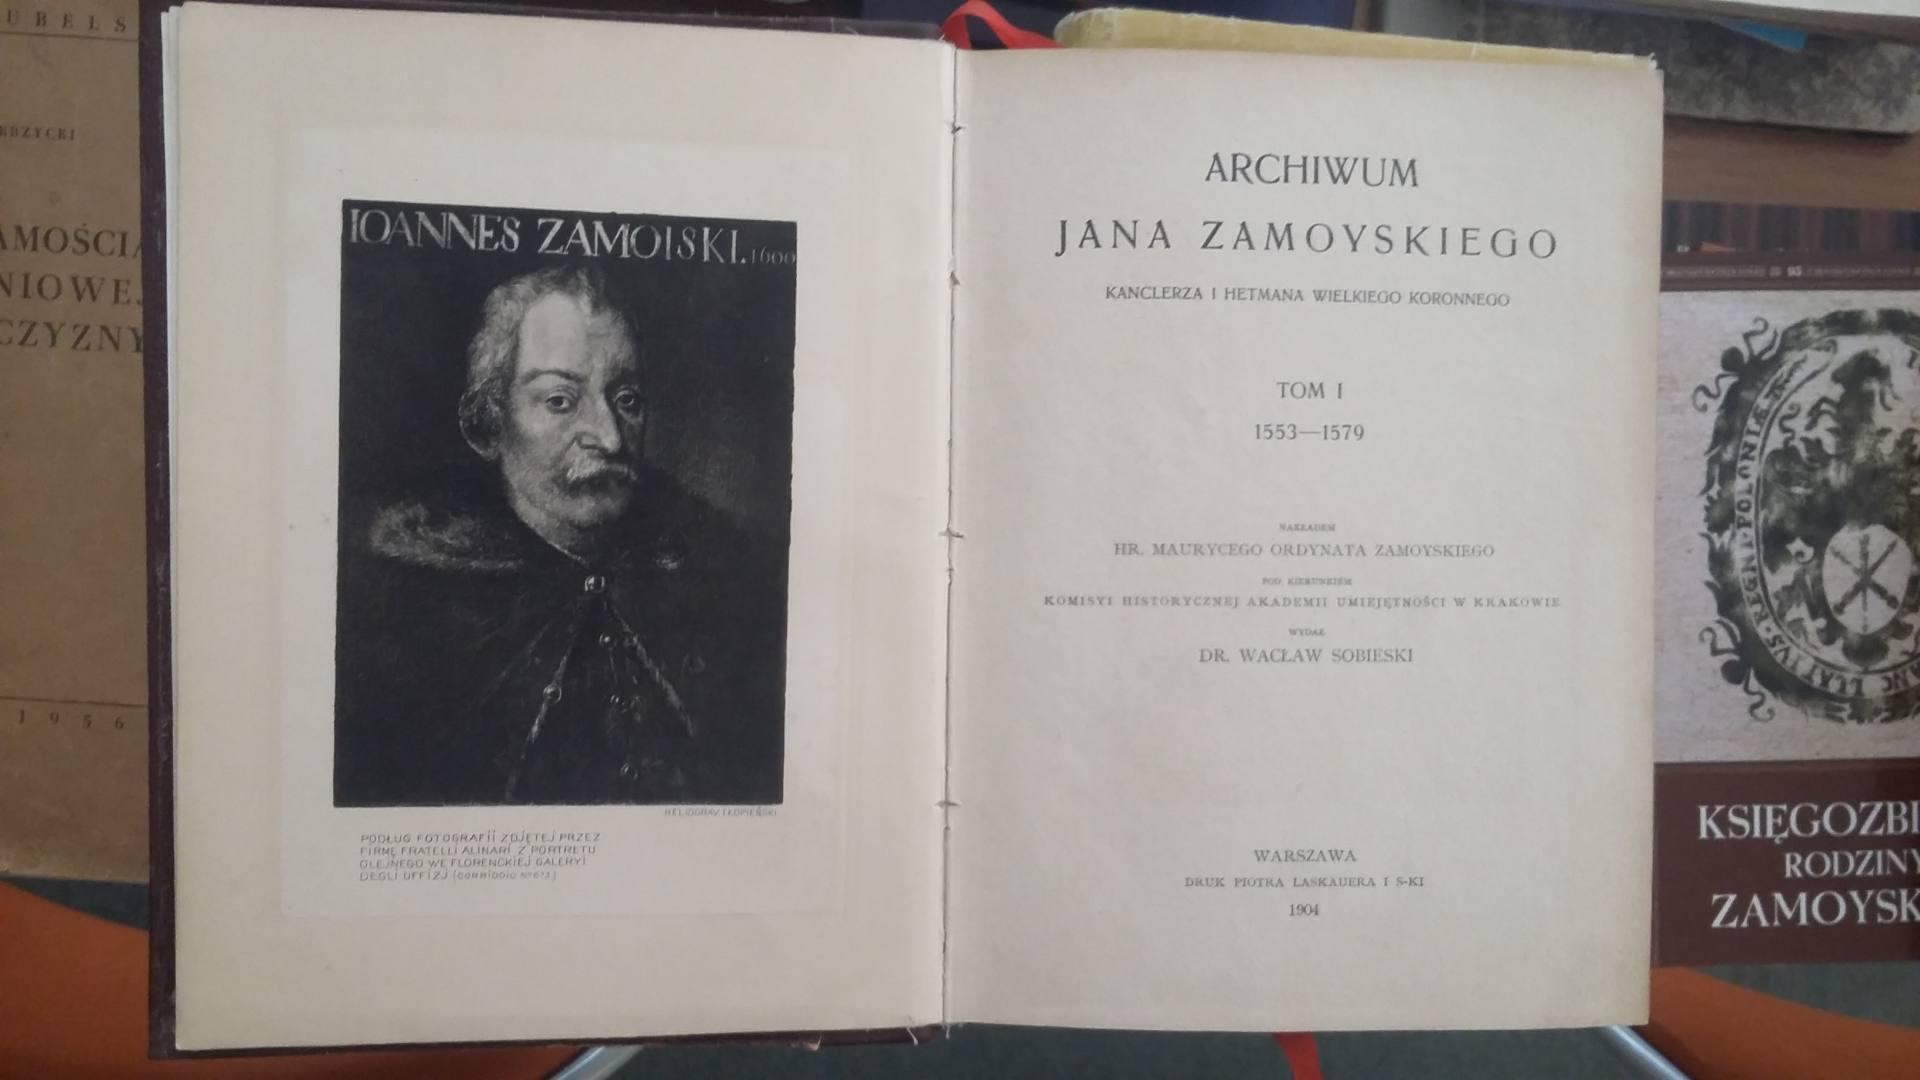 archiwum jana zamoyskiego Różne oblicza Kanclerza Jana